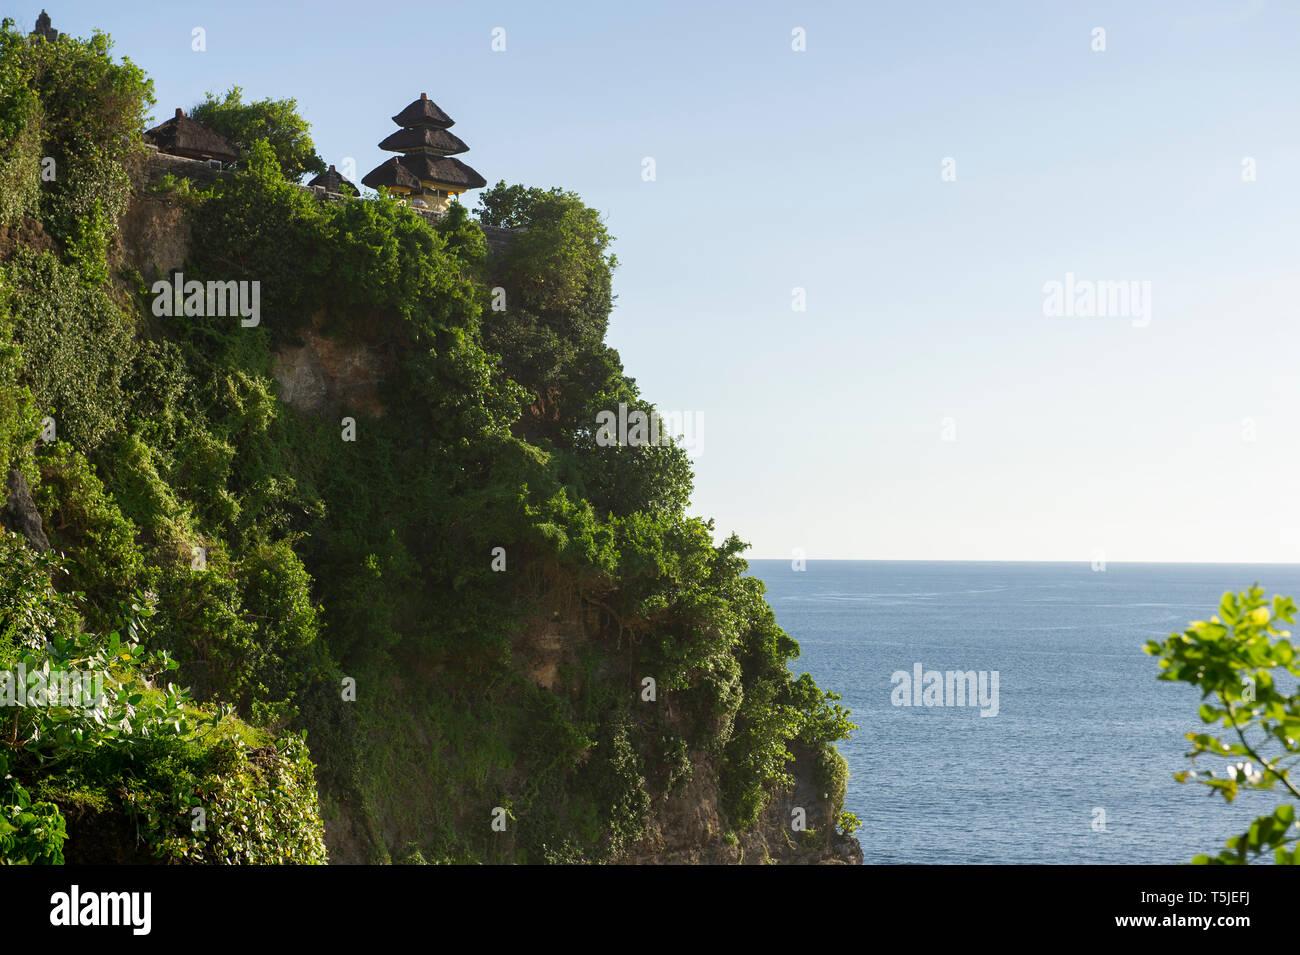 A view of Uluwatu Temple (Pura Luhur Uluwatu) on the Bukit Peninsula in Bali, Indonesia Stock Photo